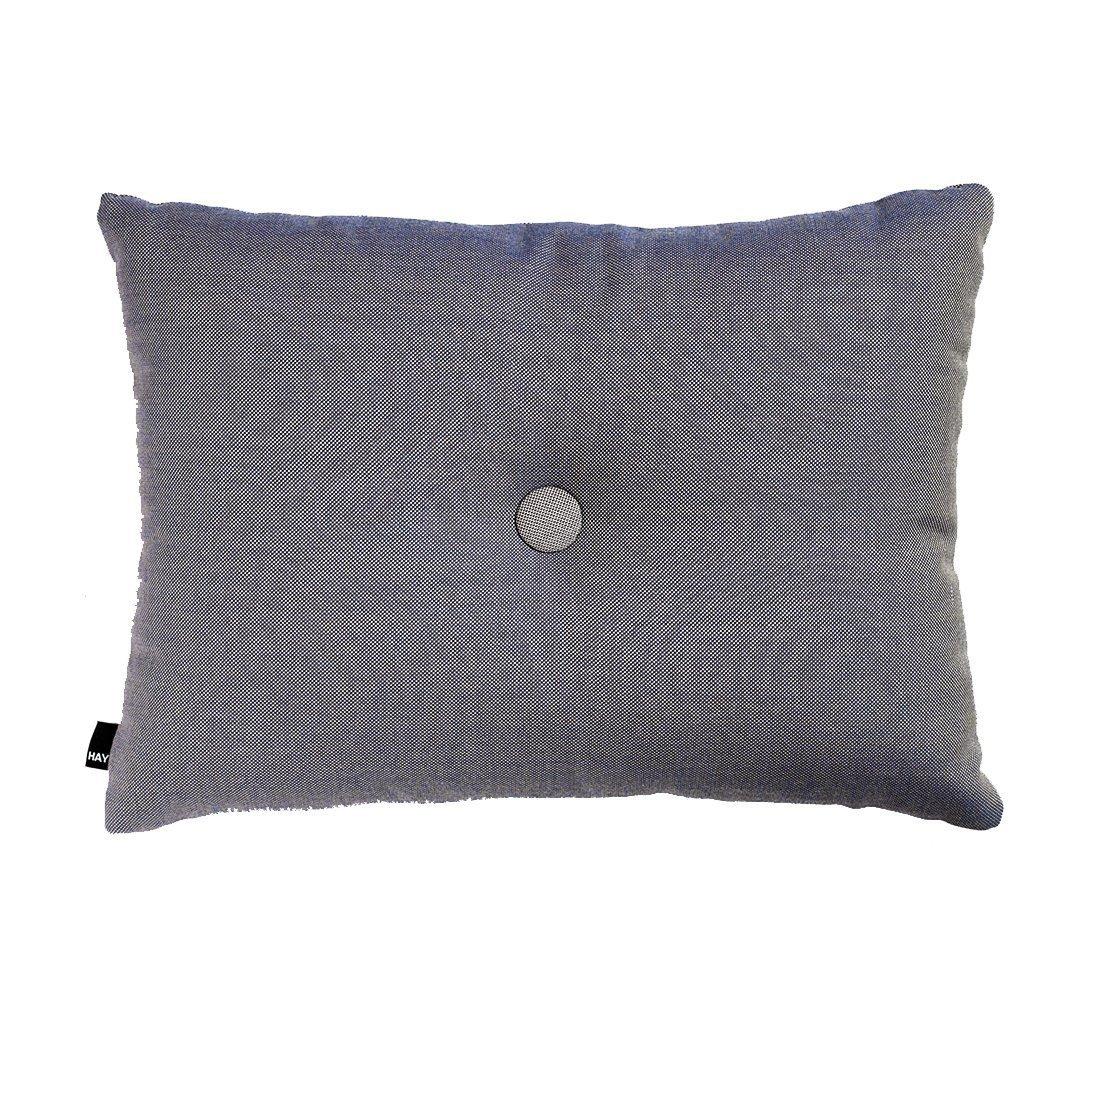 HAY Dot Cushion 1 Knoop Surface Kussen Steel Blauw